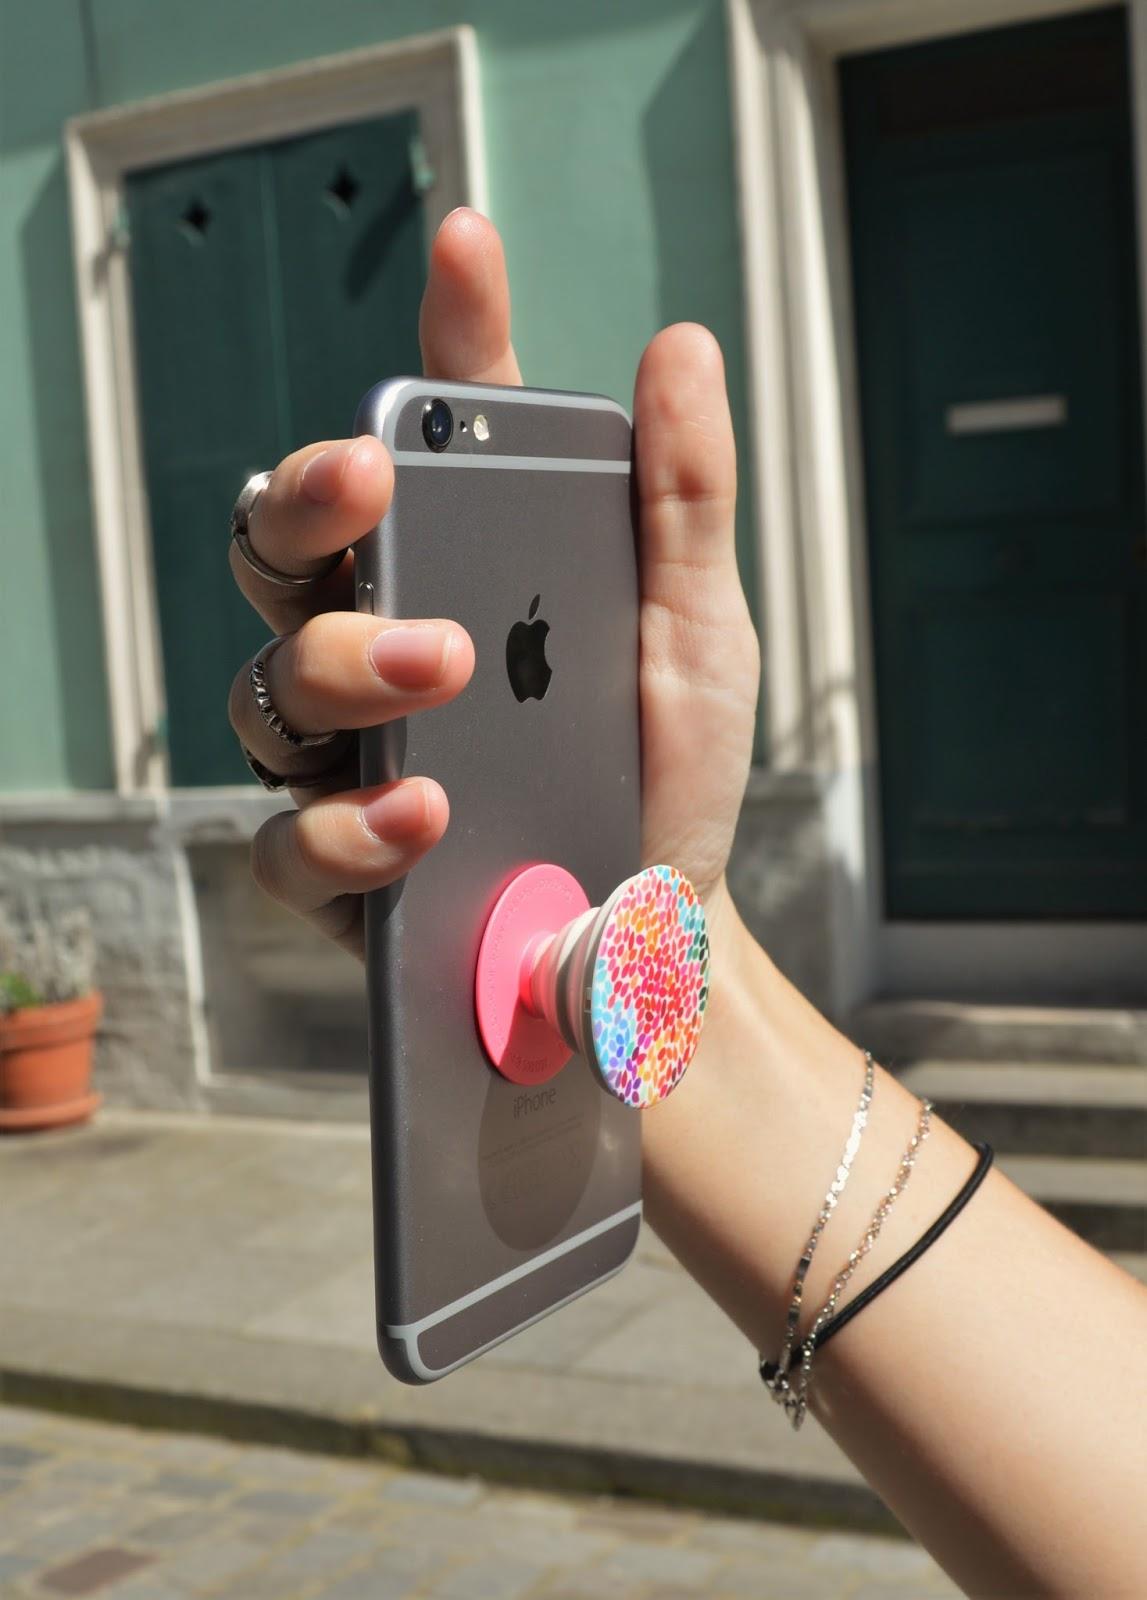 Accessoires pour tenir un téléphone